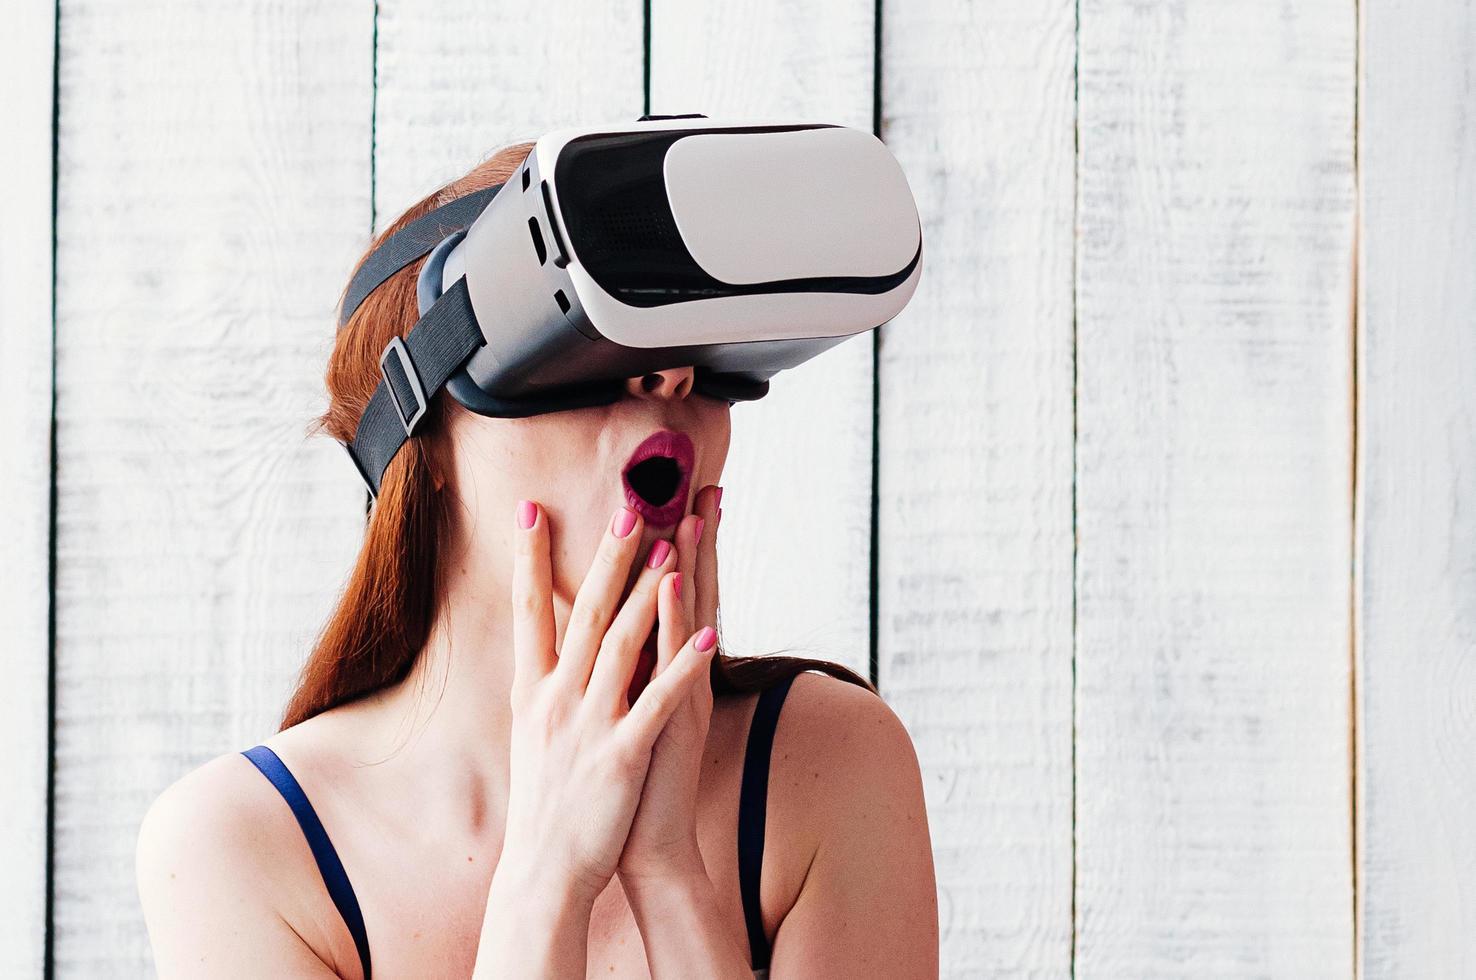 Chica con gafas de realidad virtual, emocionada, sosteniendo sus manos en la cara. foto